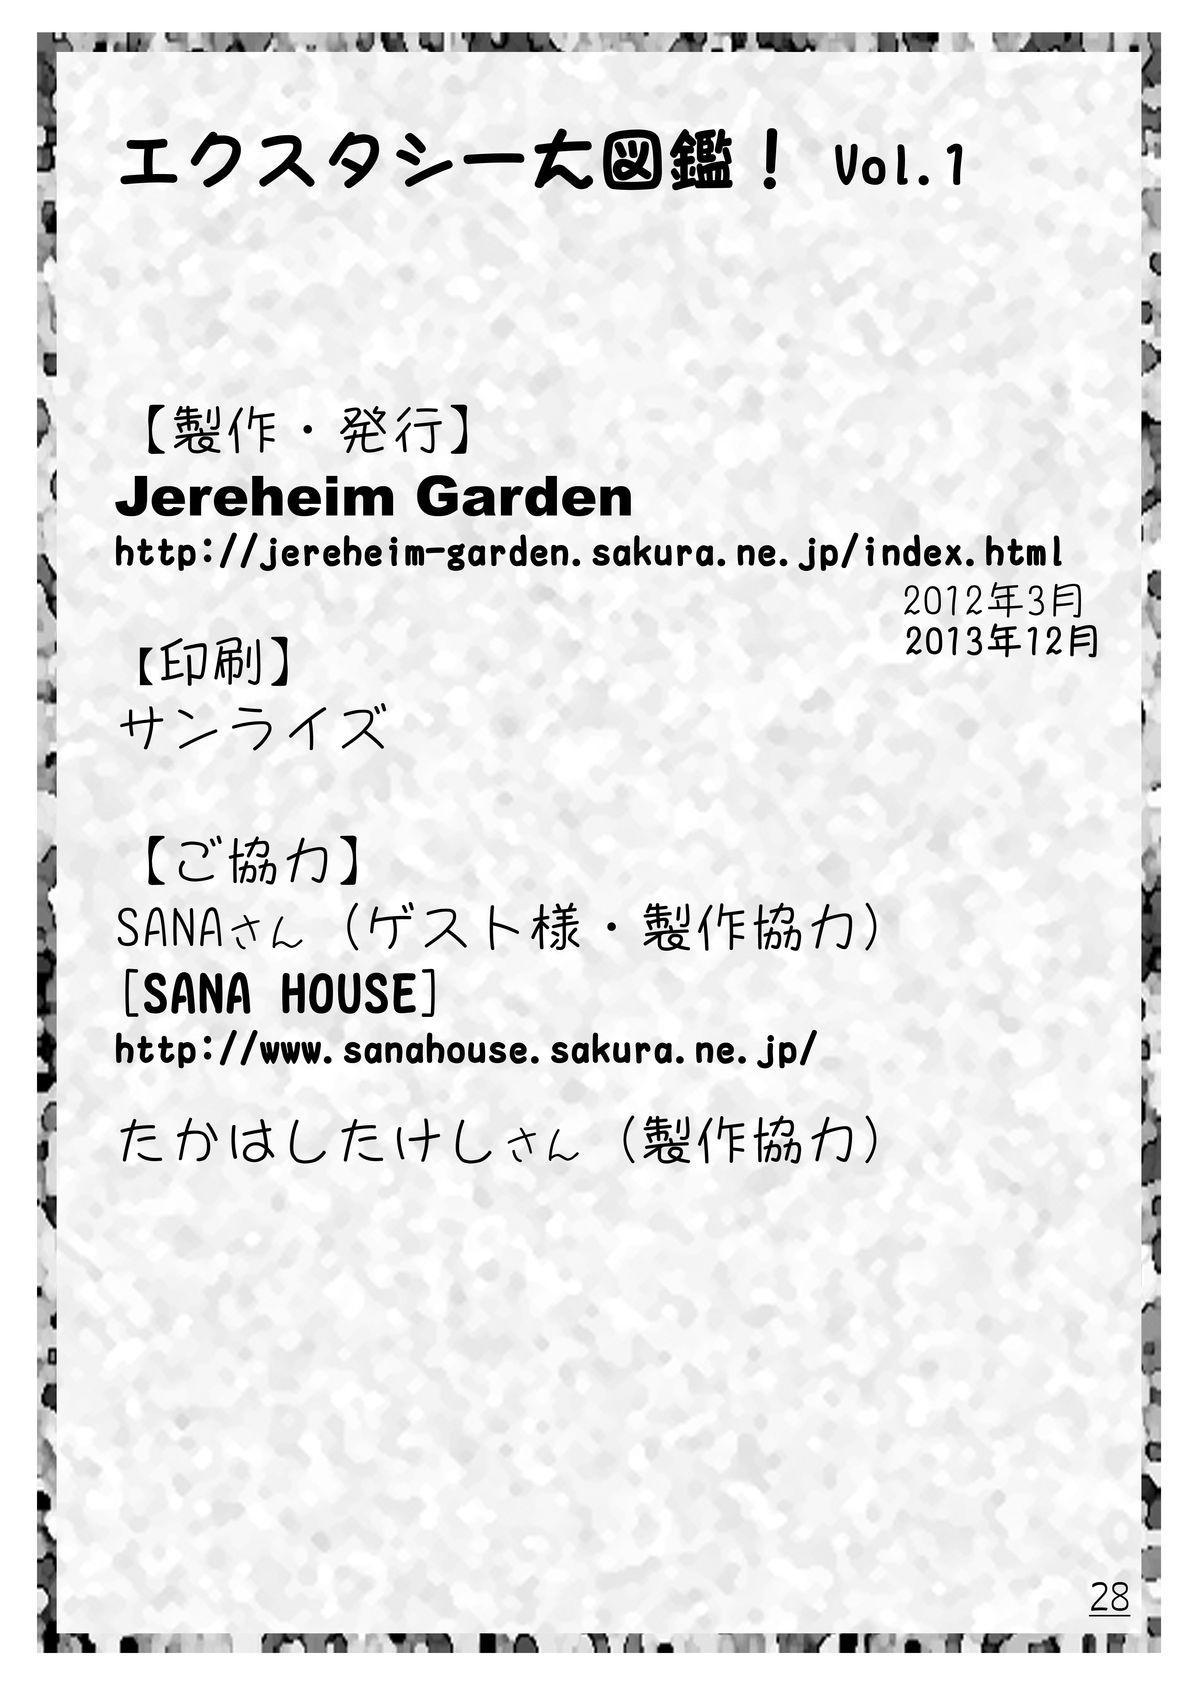 Ecstasy Daizukan! Vol. 1 29